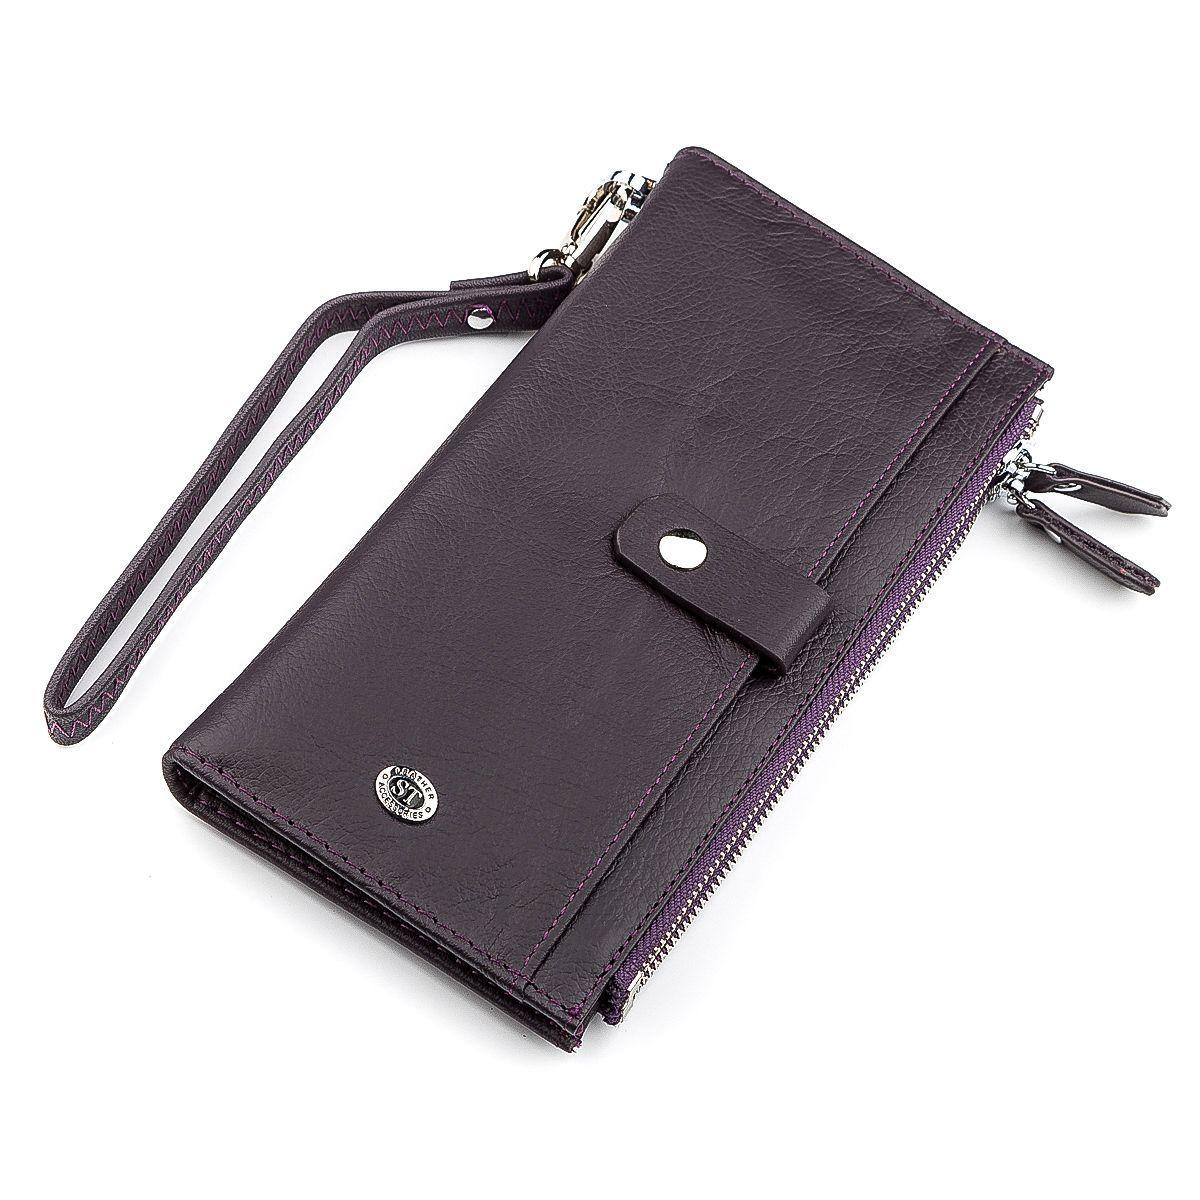 Кошелек Женский St Leather 18384 (St420) Кожаный Фиолетовый, Фиолетовый